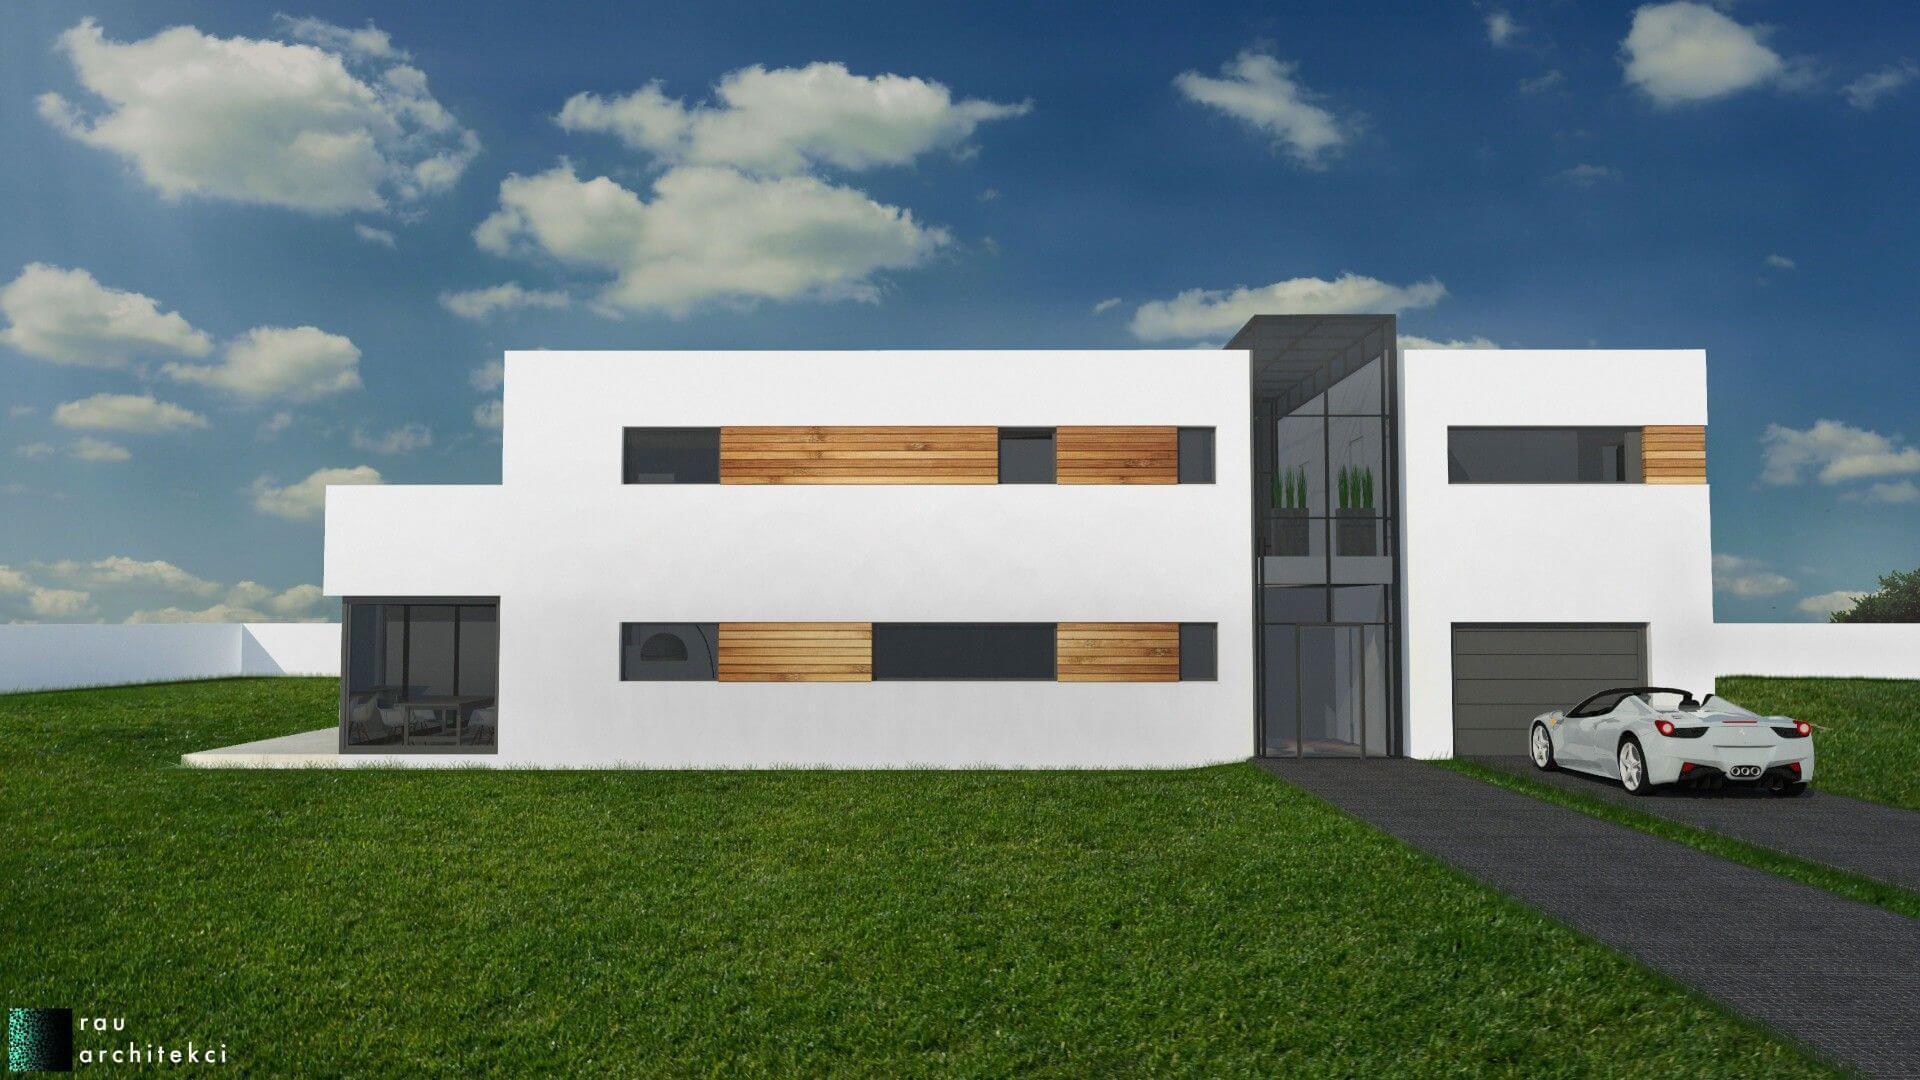 Dom nowoczesny jednorodzinny rau architekci łódź 2